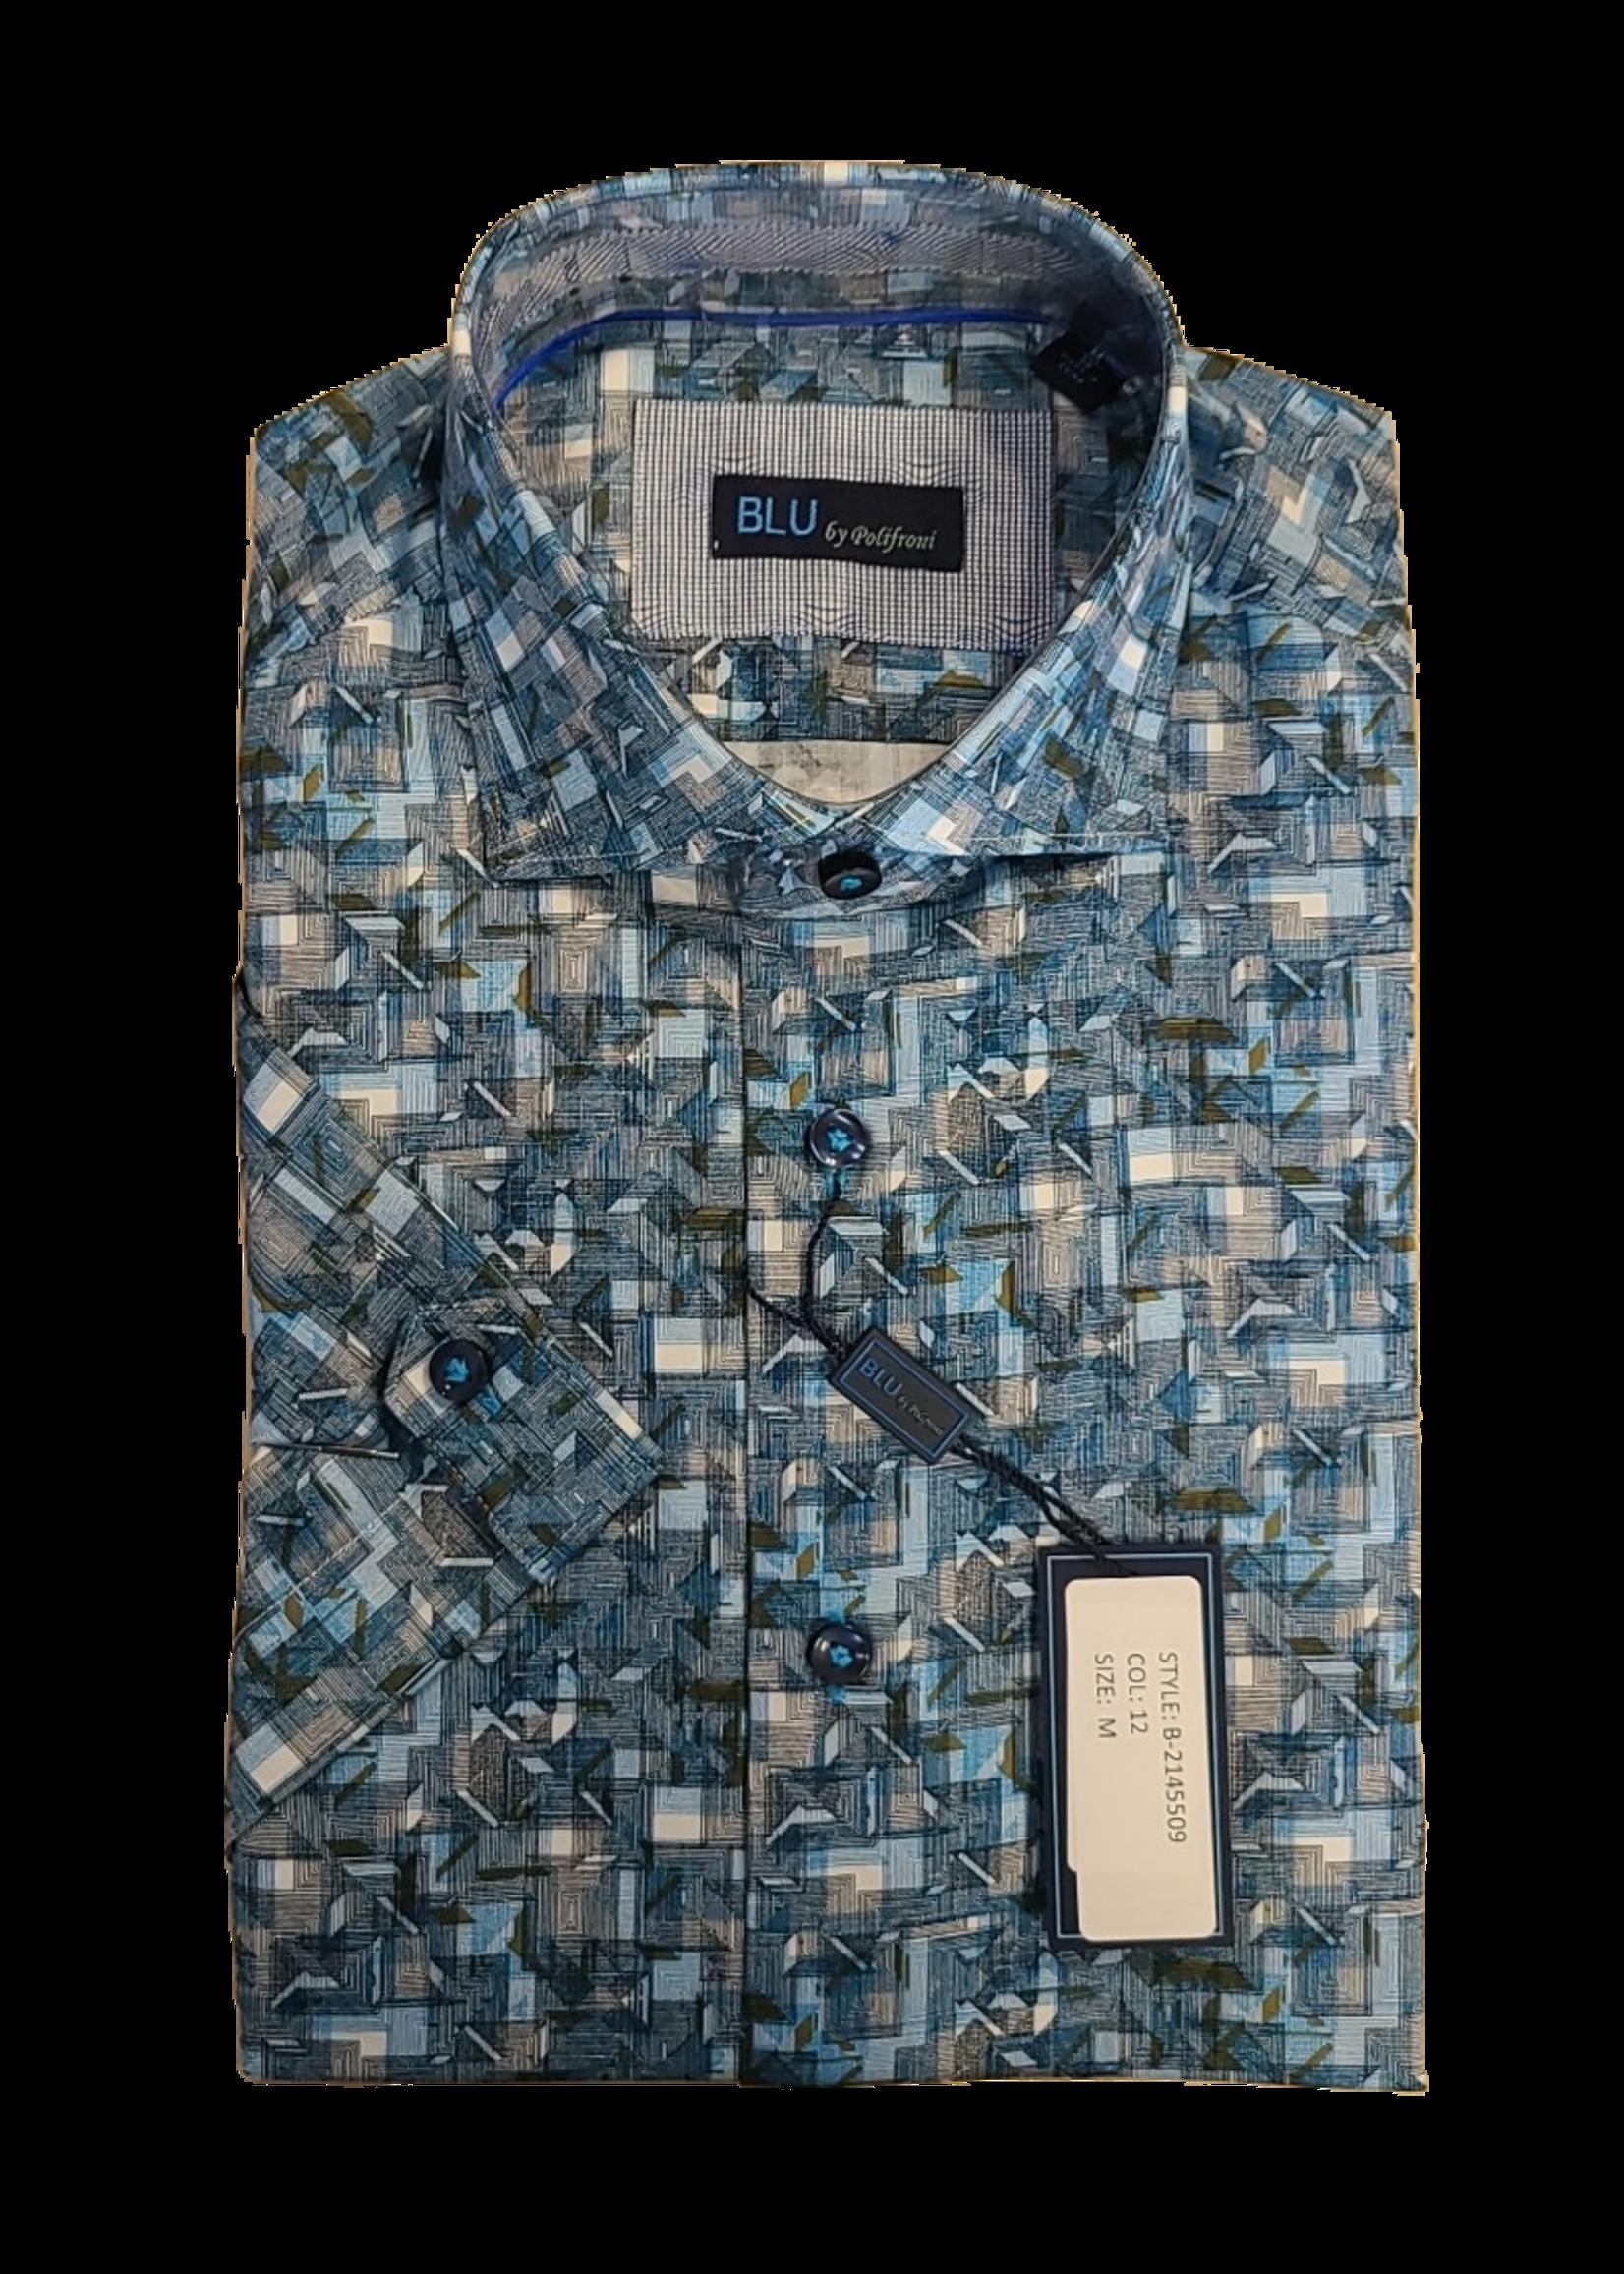 Blu Polifroni B-2145509 Short Sleeve Shirt